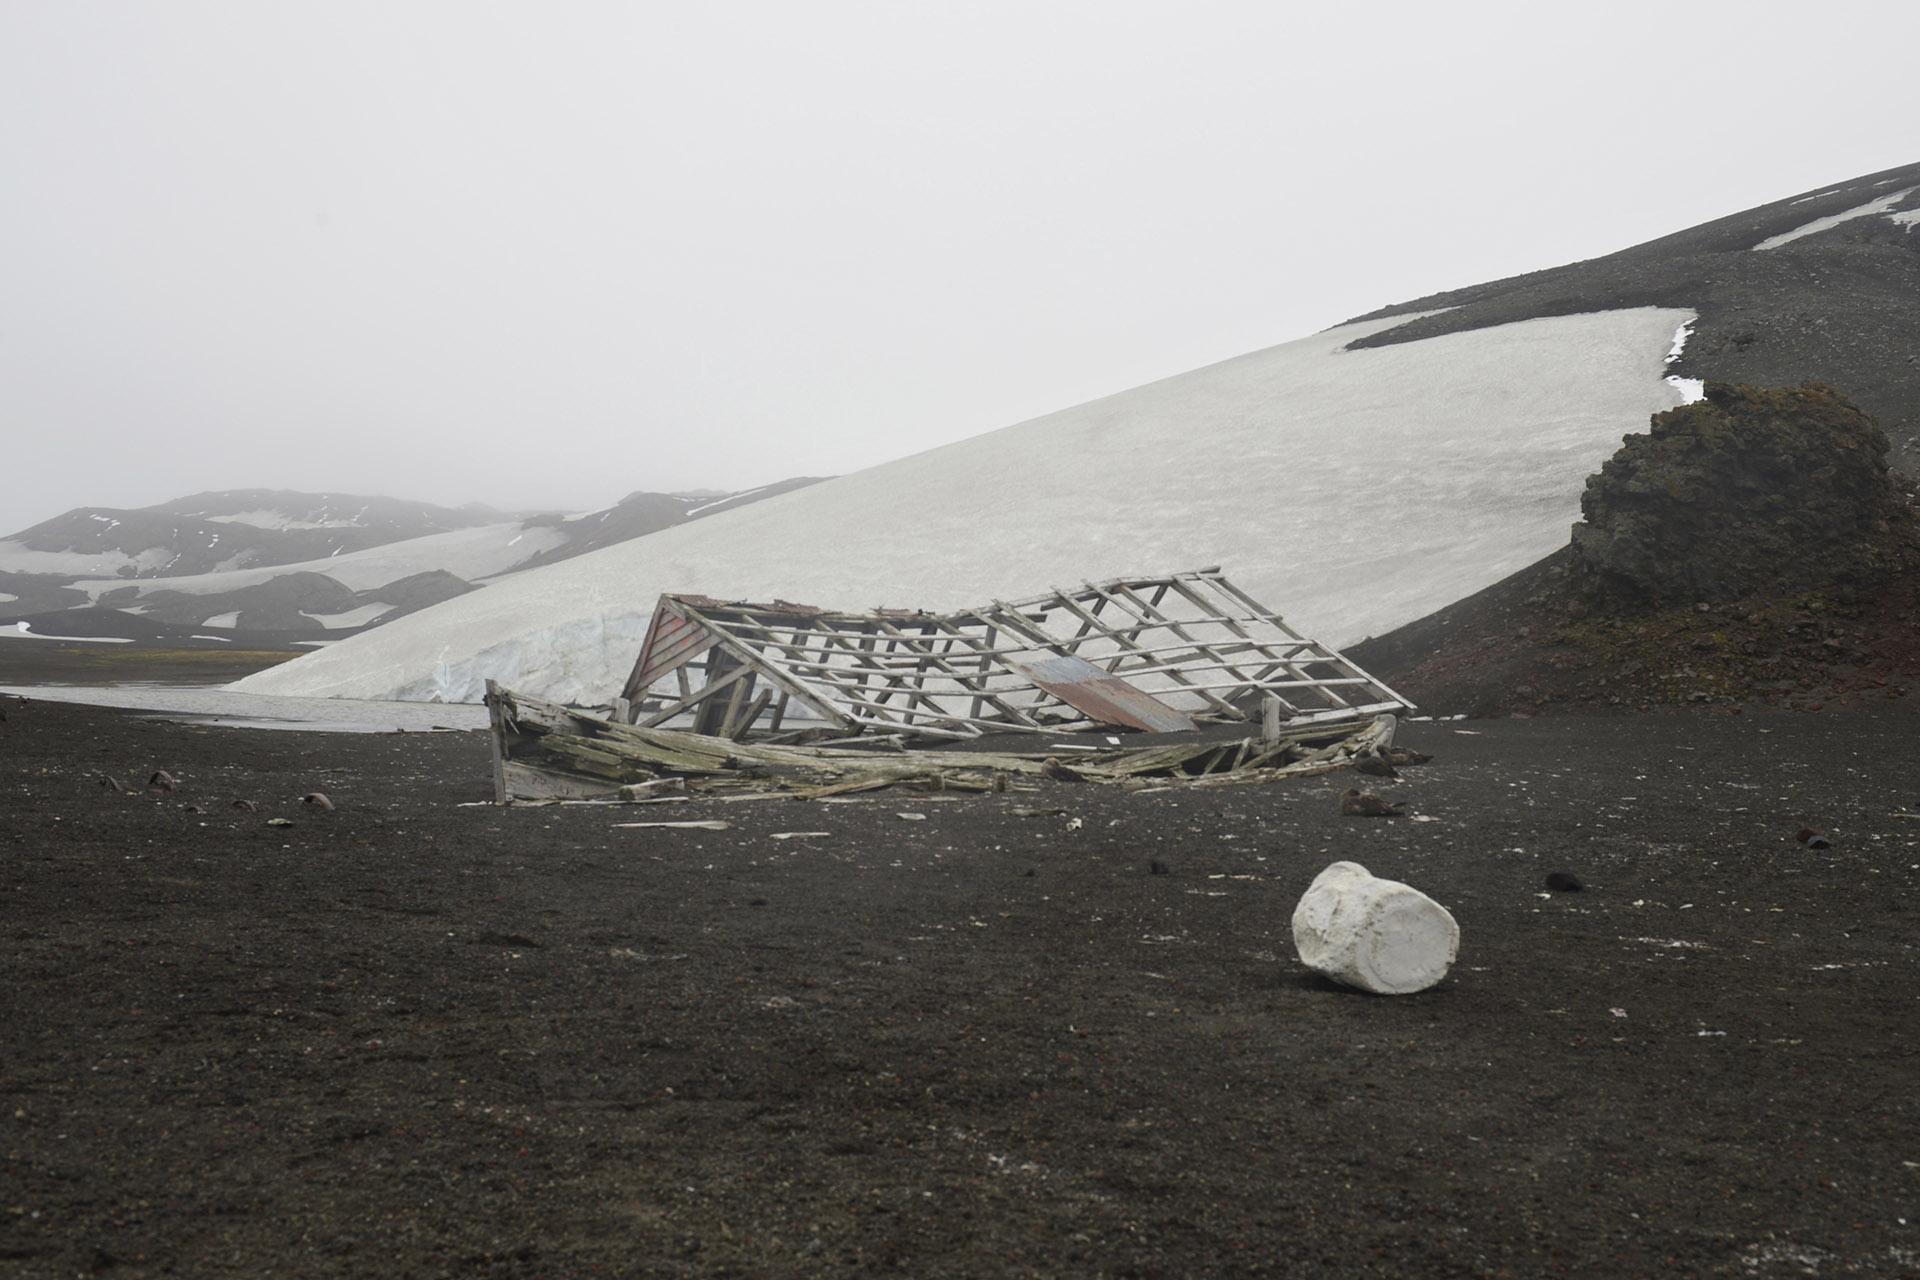 Deception Island, South Shetland Islands Archipelago2<br/>Impresión digital / Inject print